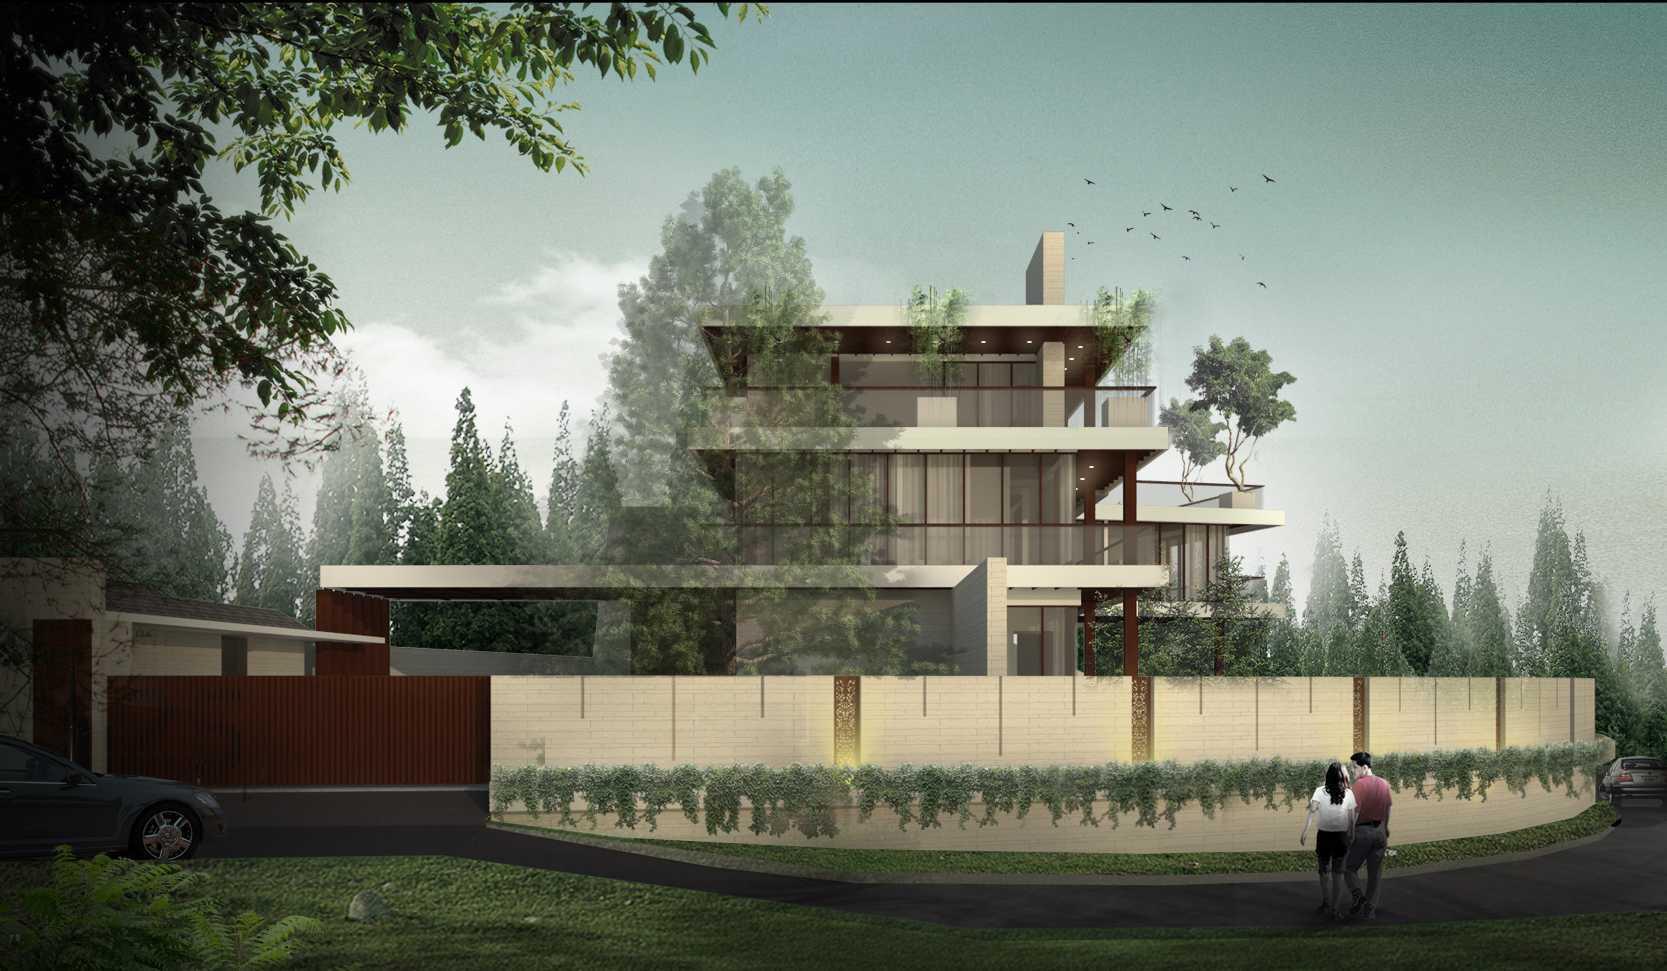 Alima Studio T House Bandung, Jawa Barat, Indonesia Bandung, Jawa Barat, Indonesia Alima-Studio-T-House  57235